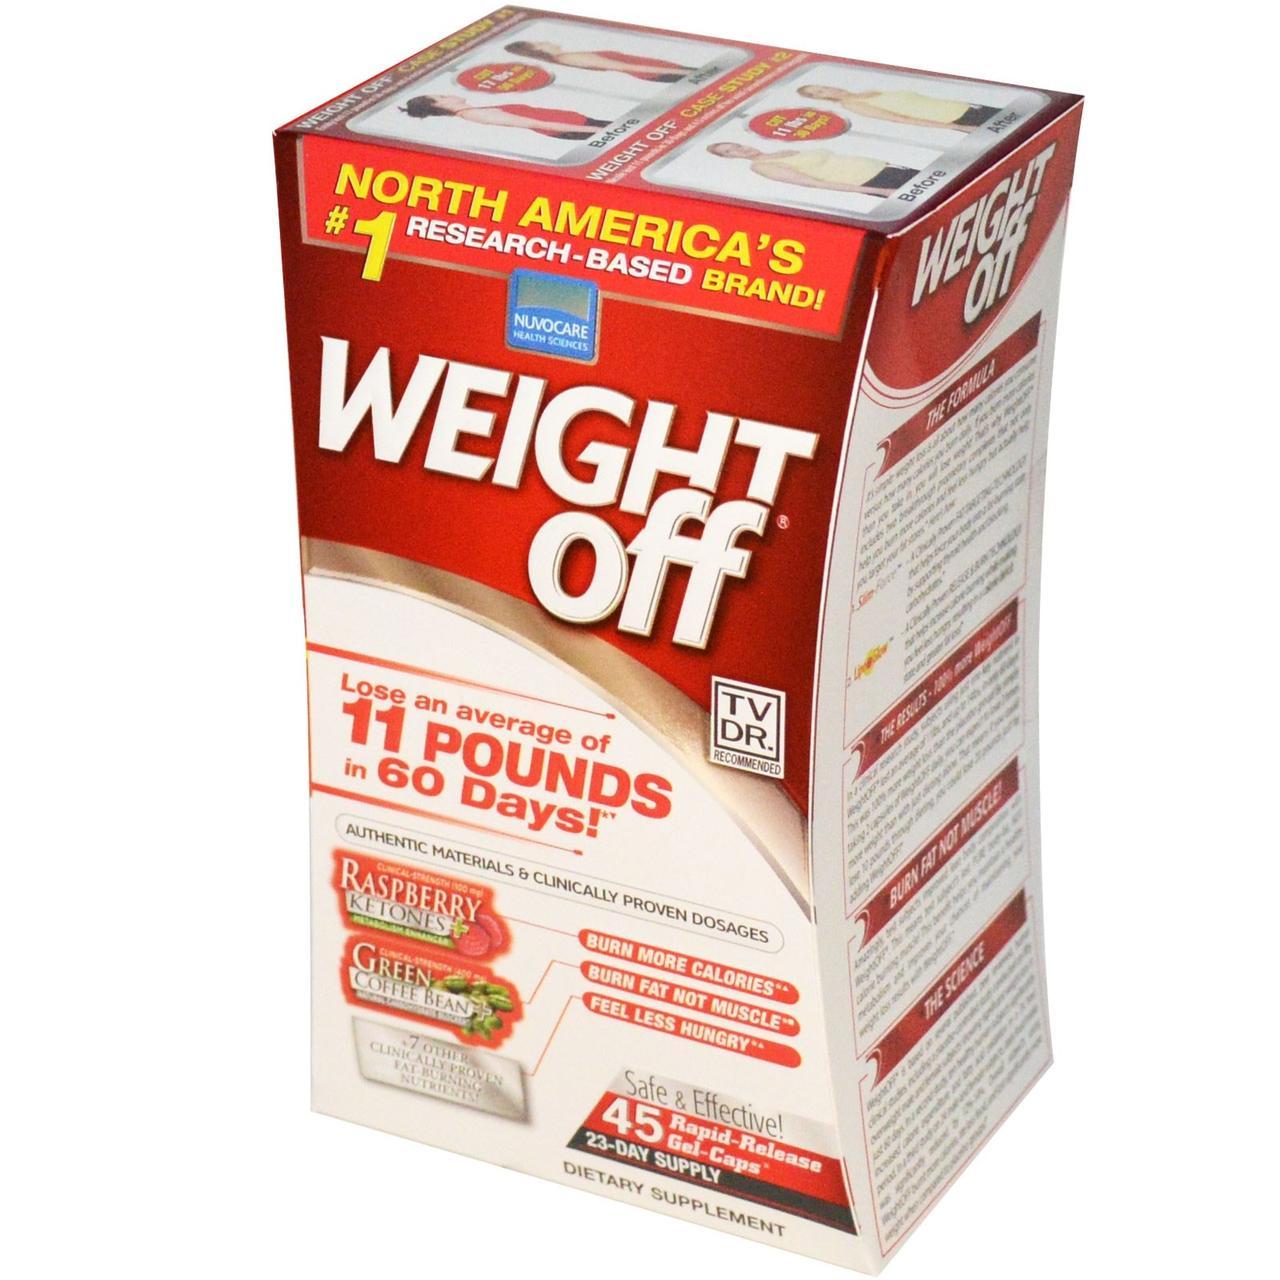 Архив: переедание и лишний вес, булимия, анорексия, рпп услуги.